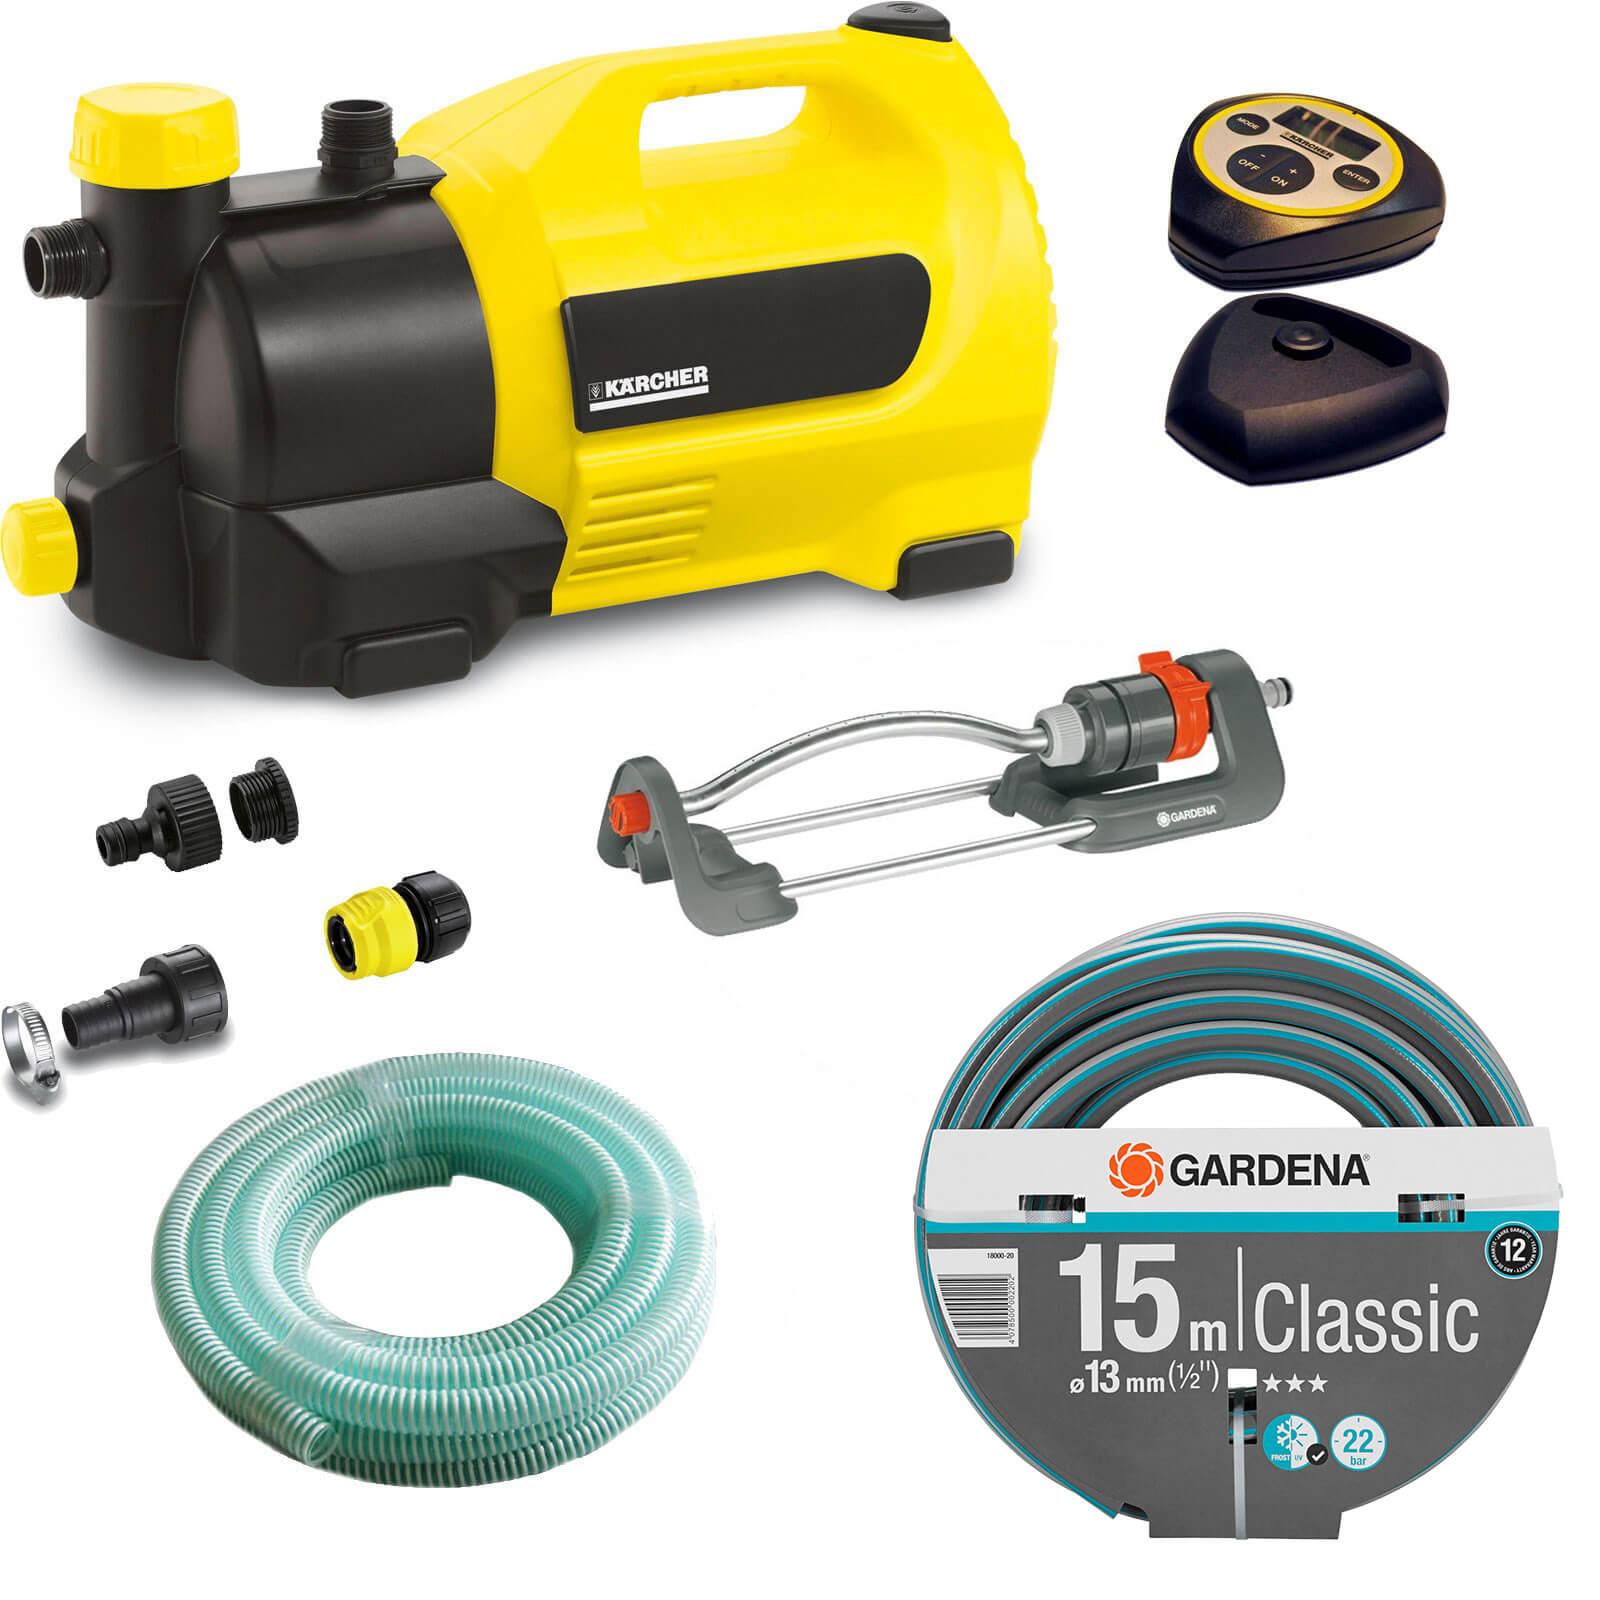 Karcher GP 50 MC Surface Water Pump with Garden Hose & Oscillating Sprinkler Kit 240v